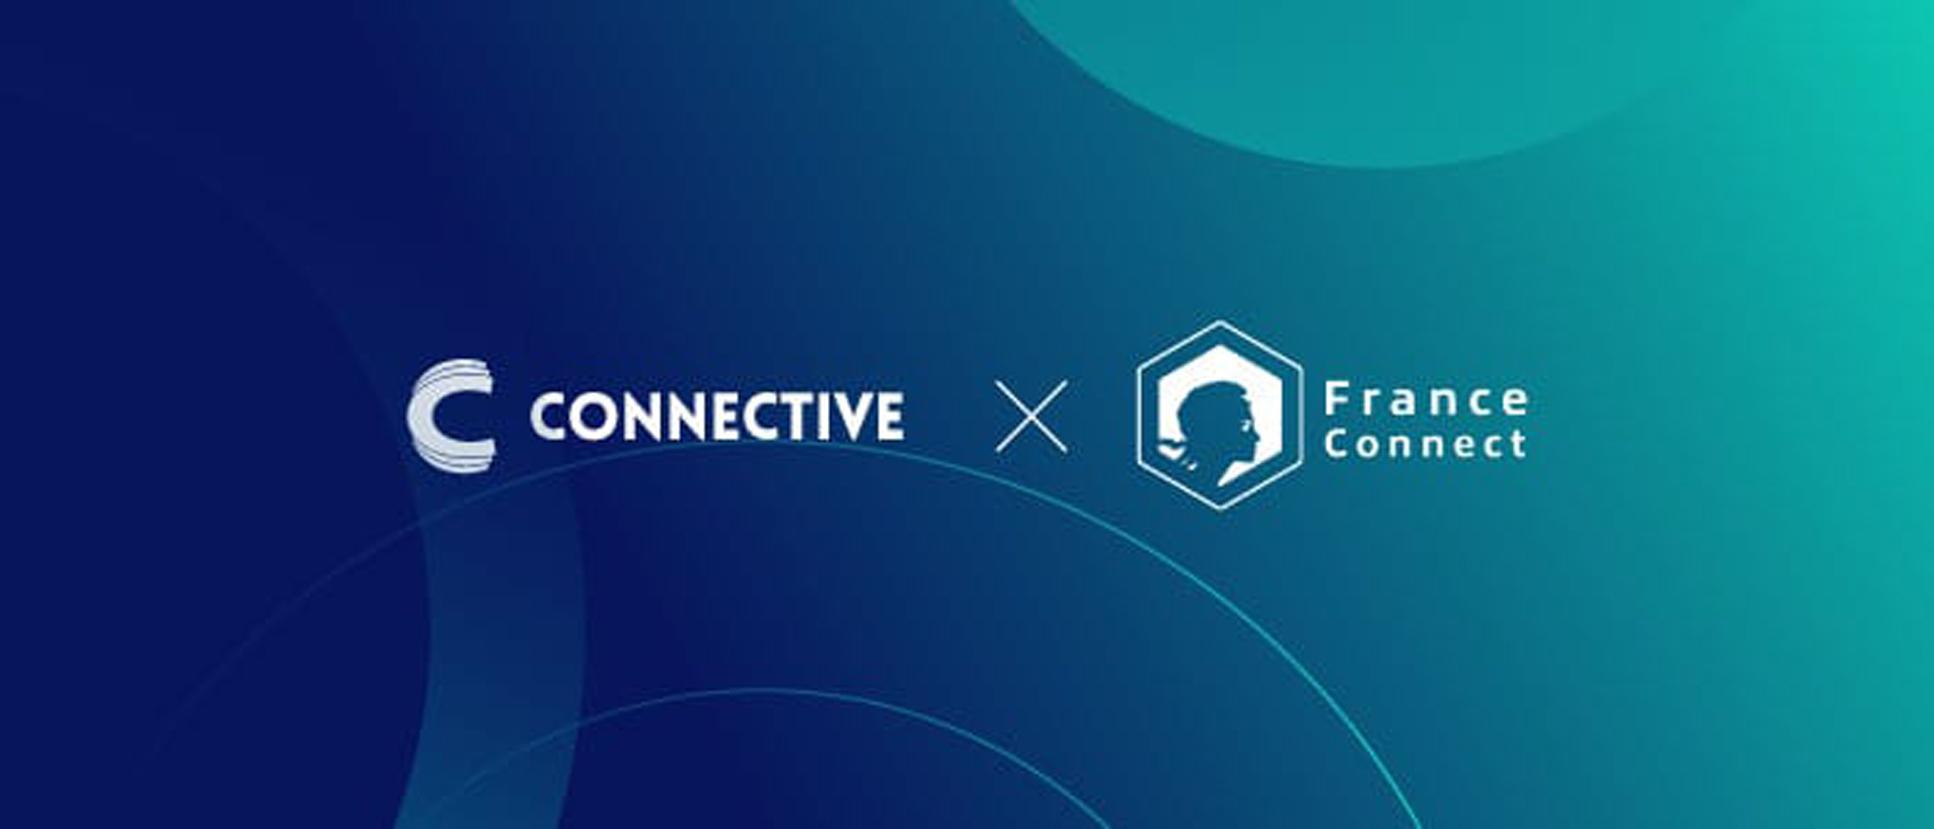 Connective eSignatures est la première solution de signature électronique intégrant FranceConnect